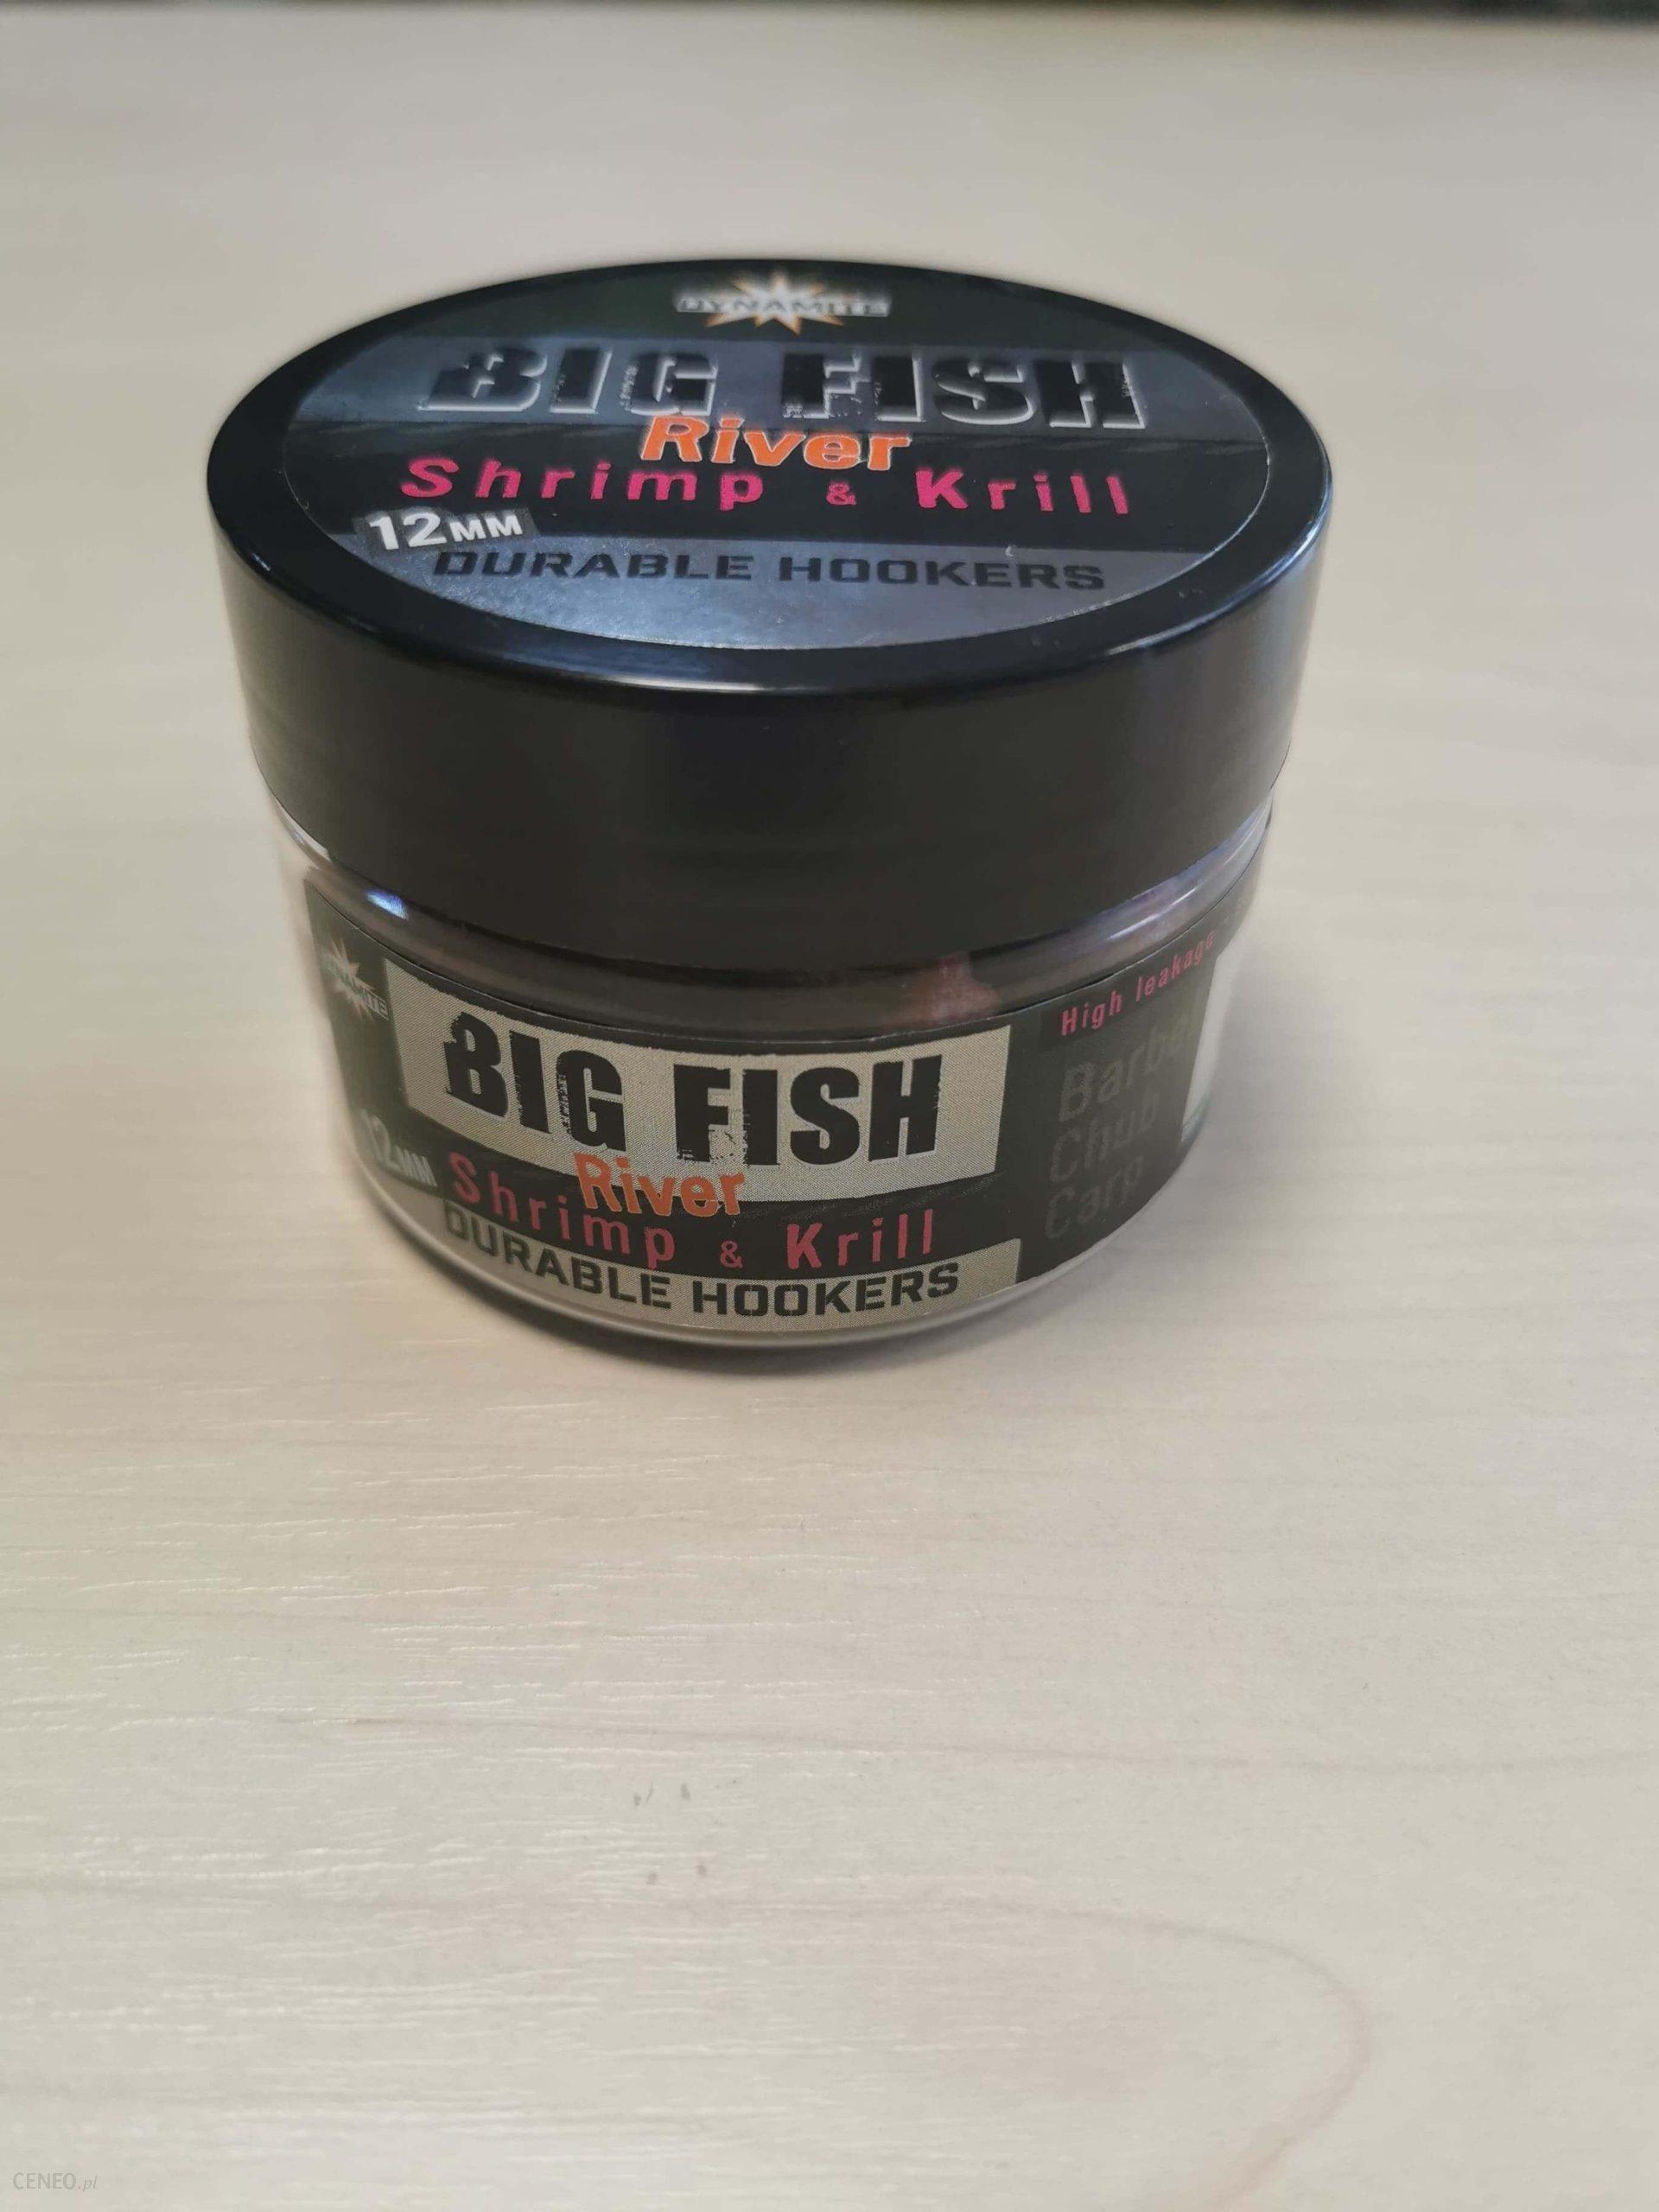 Dynamite Baits Bigfish Durables Hookbaits Shrimp&Krill